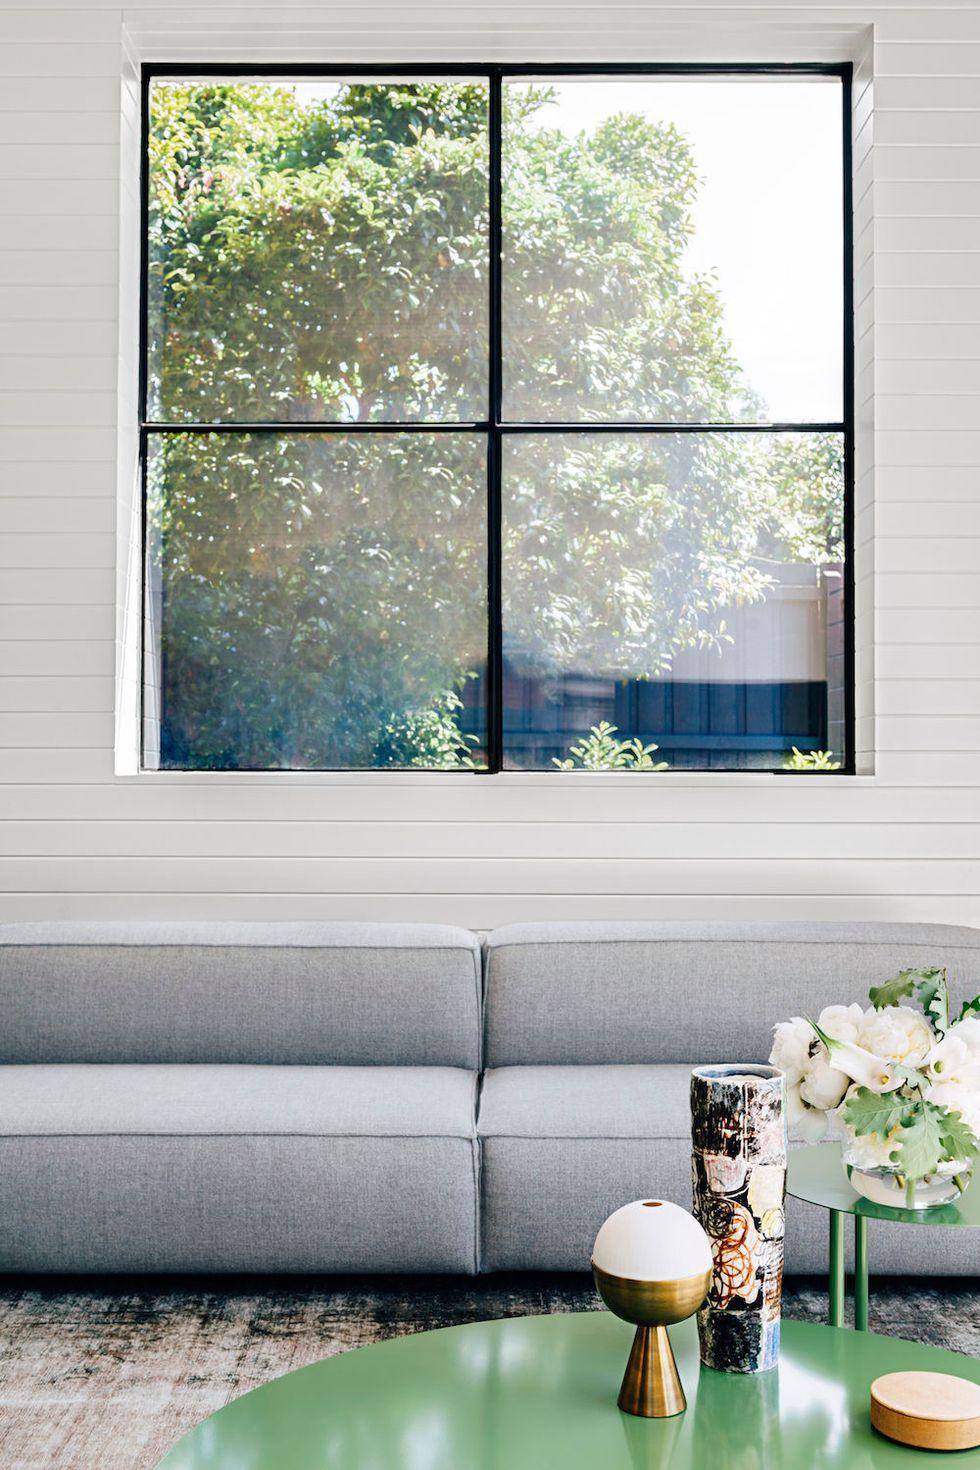 idée salon minimalise symétrique